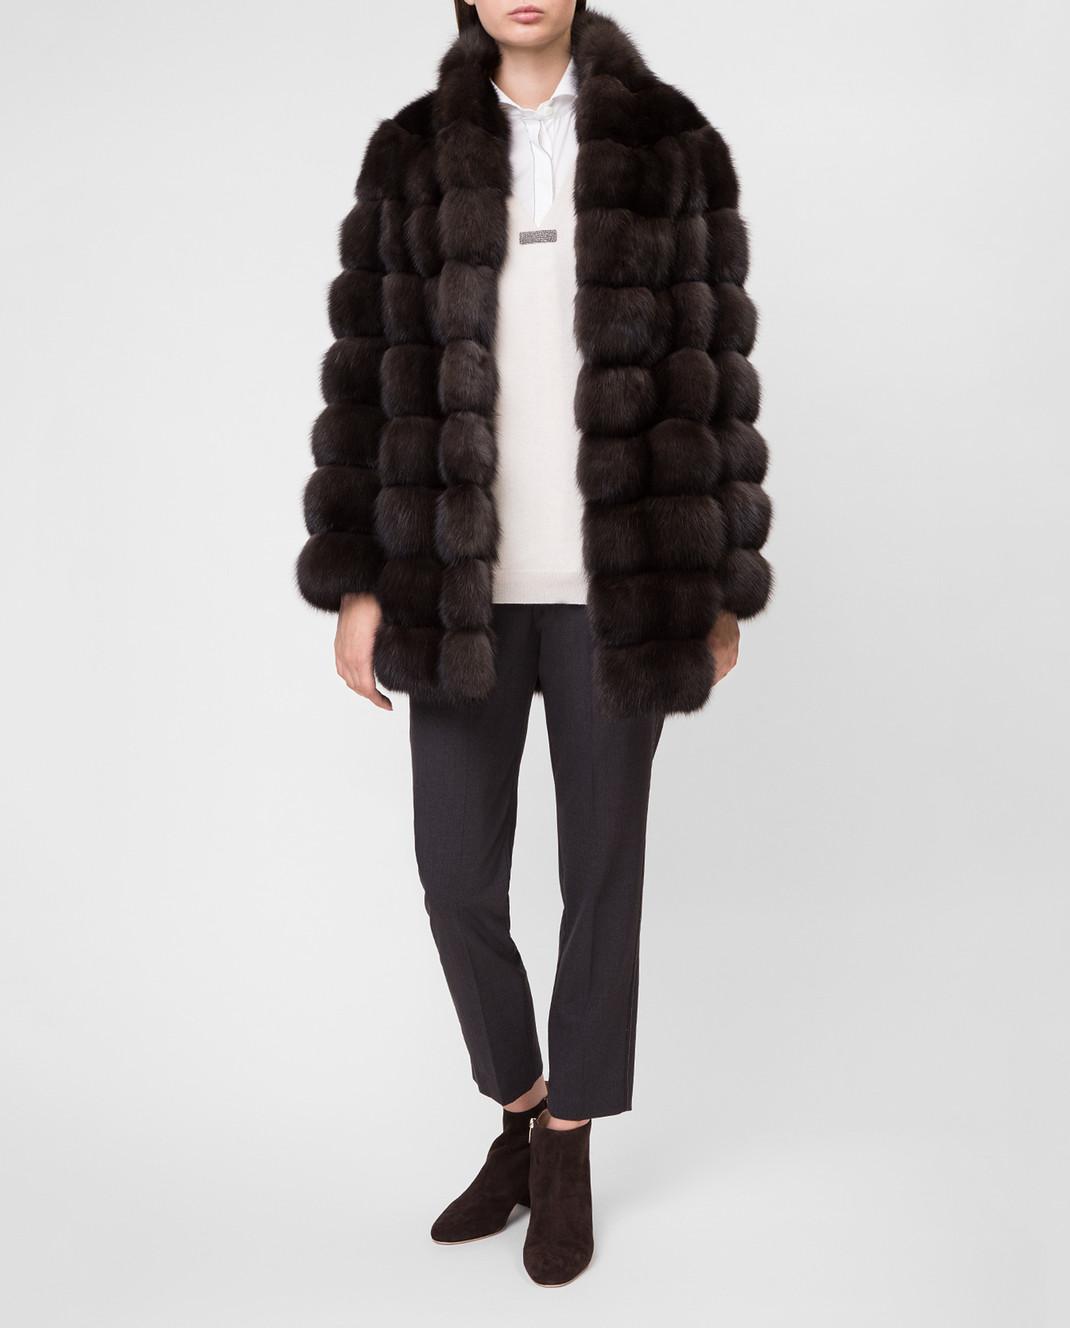 Real Furs House Черное меховое пальто SBR29548DARK изображение 2